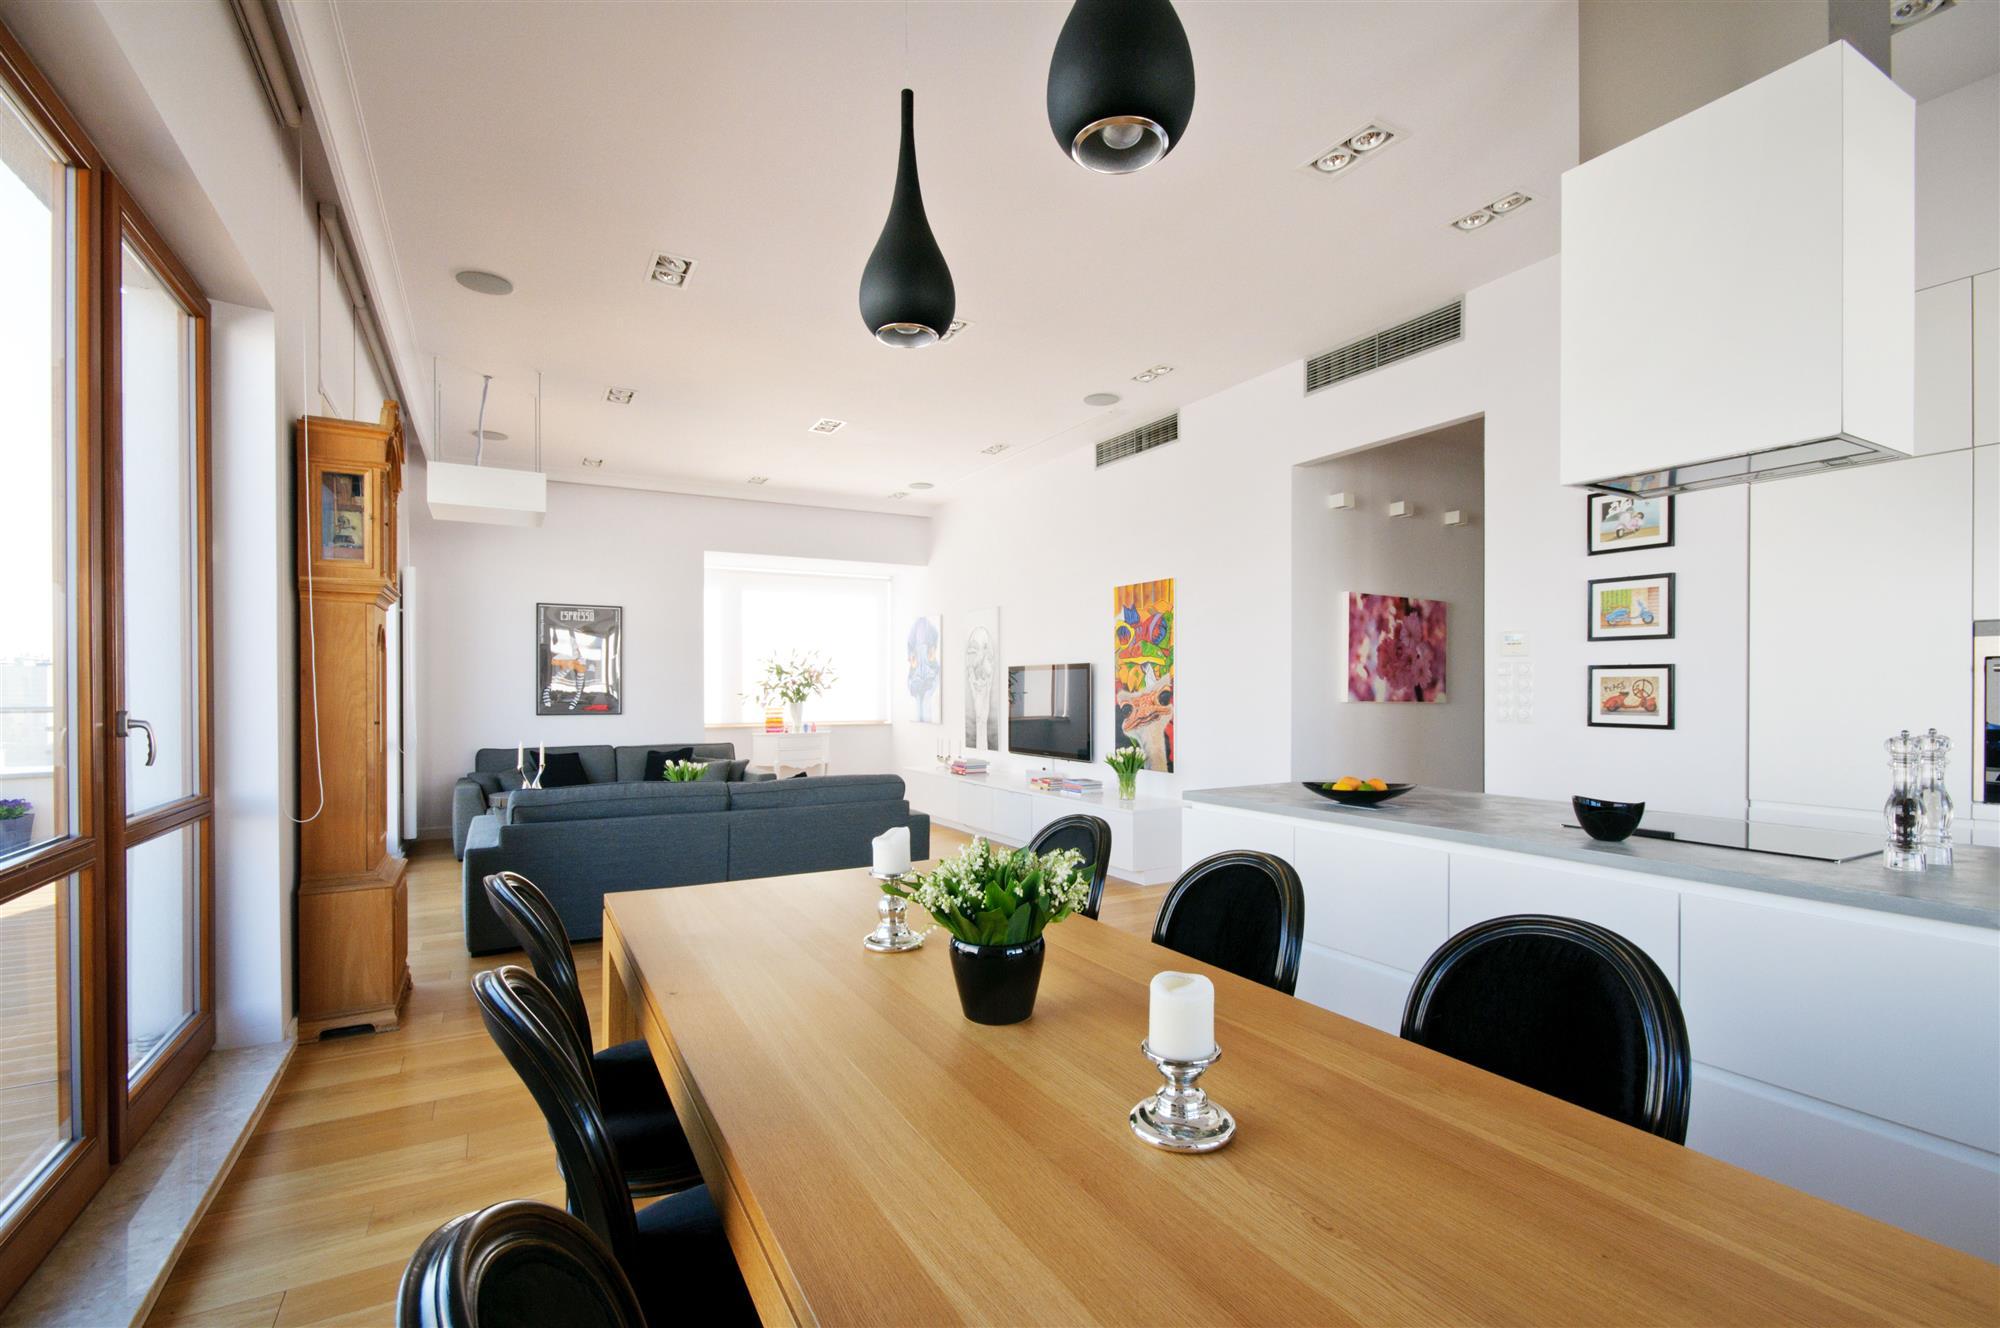 Elementy stylu industrialnego w mieszkaniu w bloku | proj. Hola Desgin